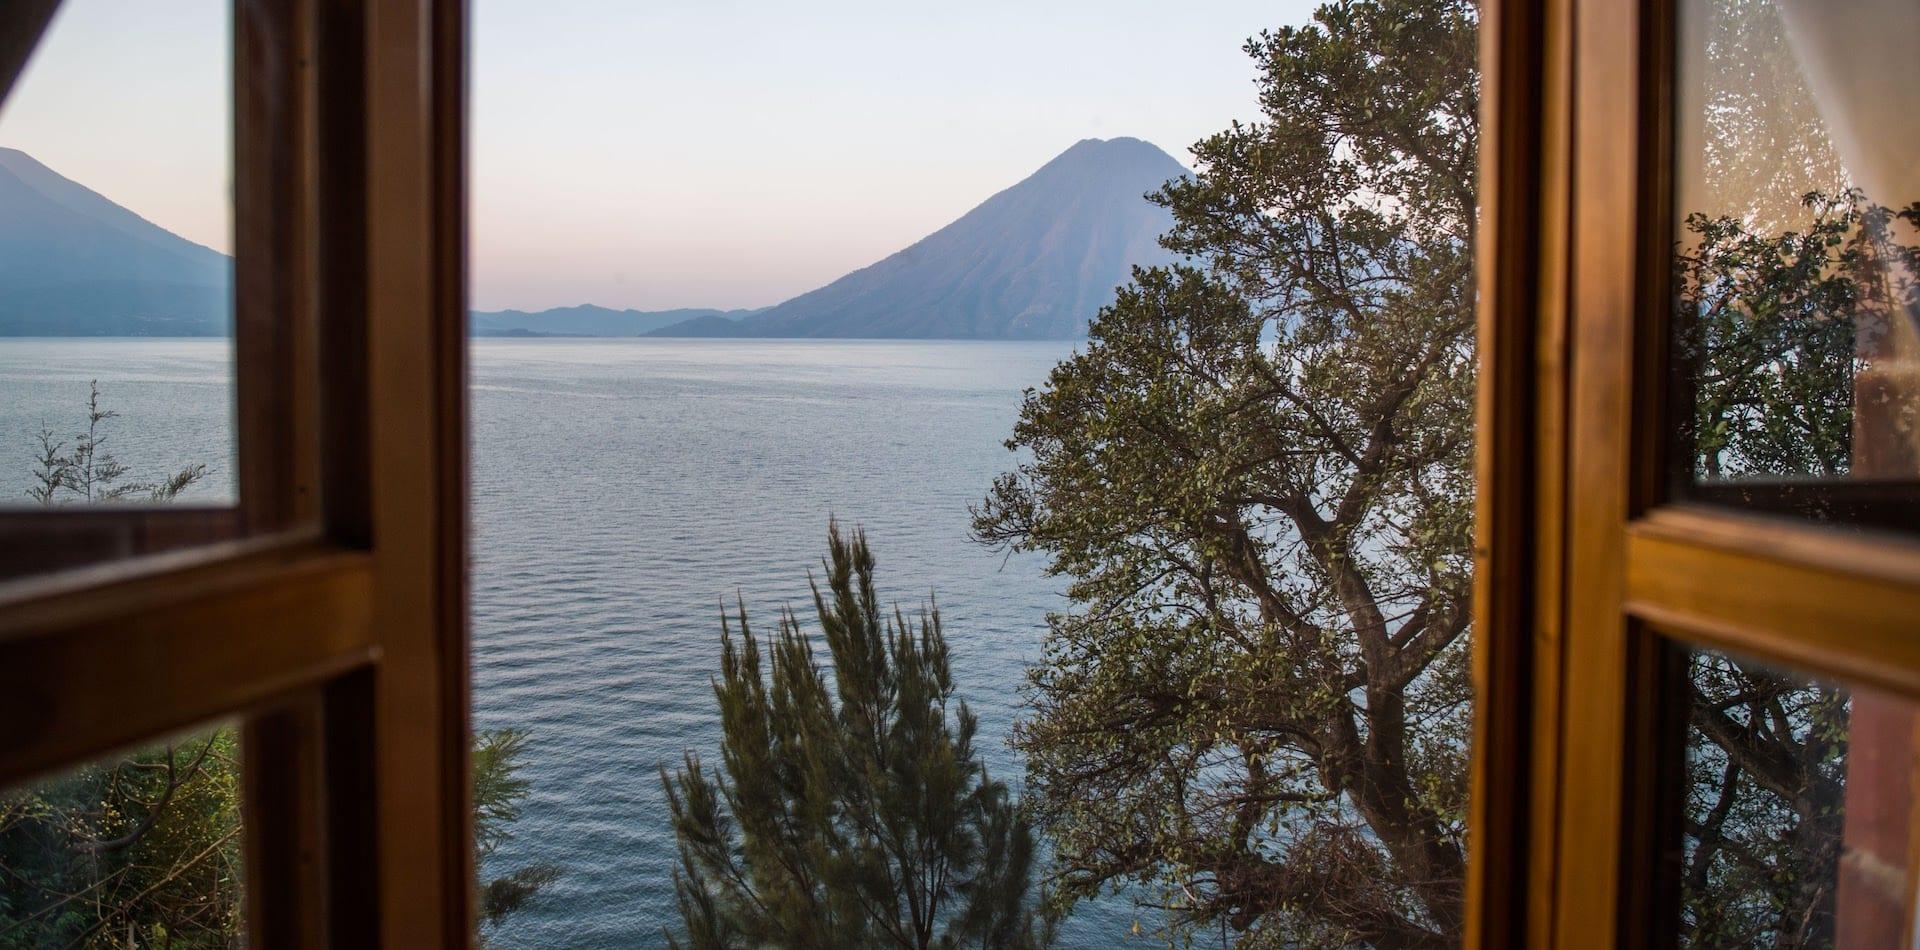 View From Window Over Lake Atitlan, Guatemala